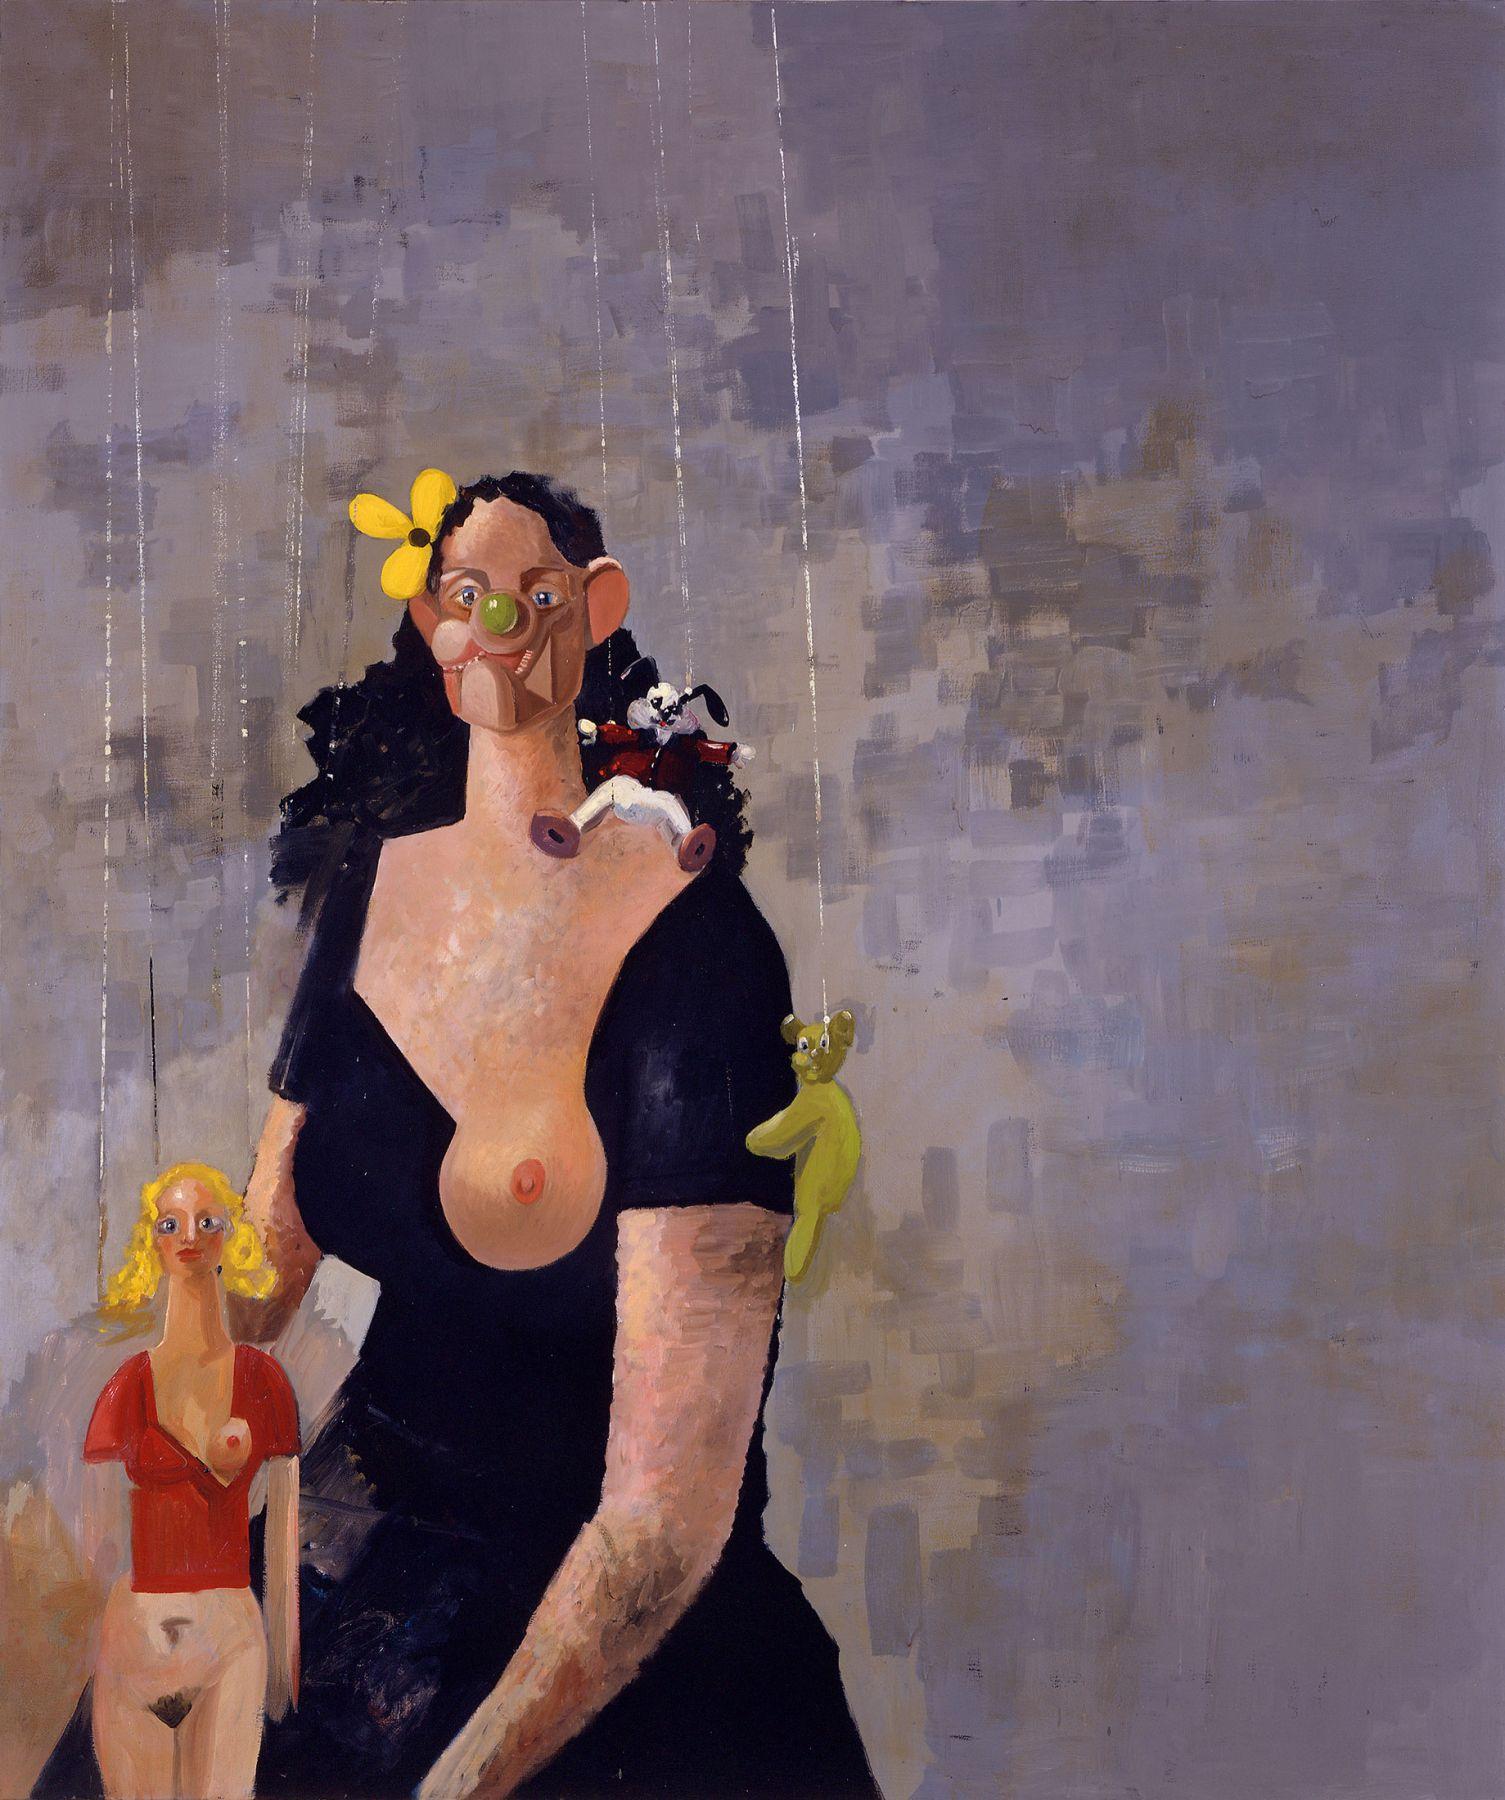 George Condo The Incomprehensible Dream, 2002